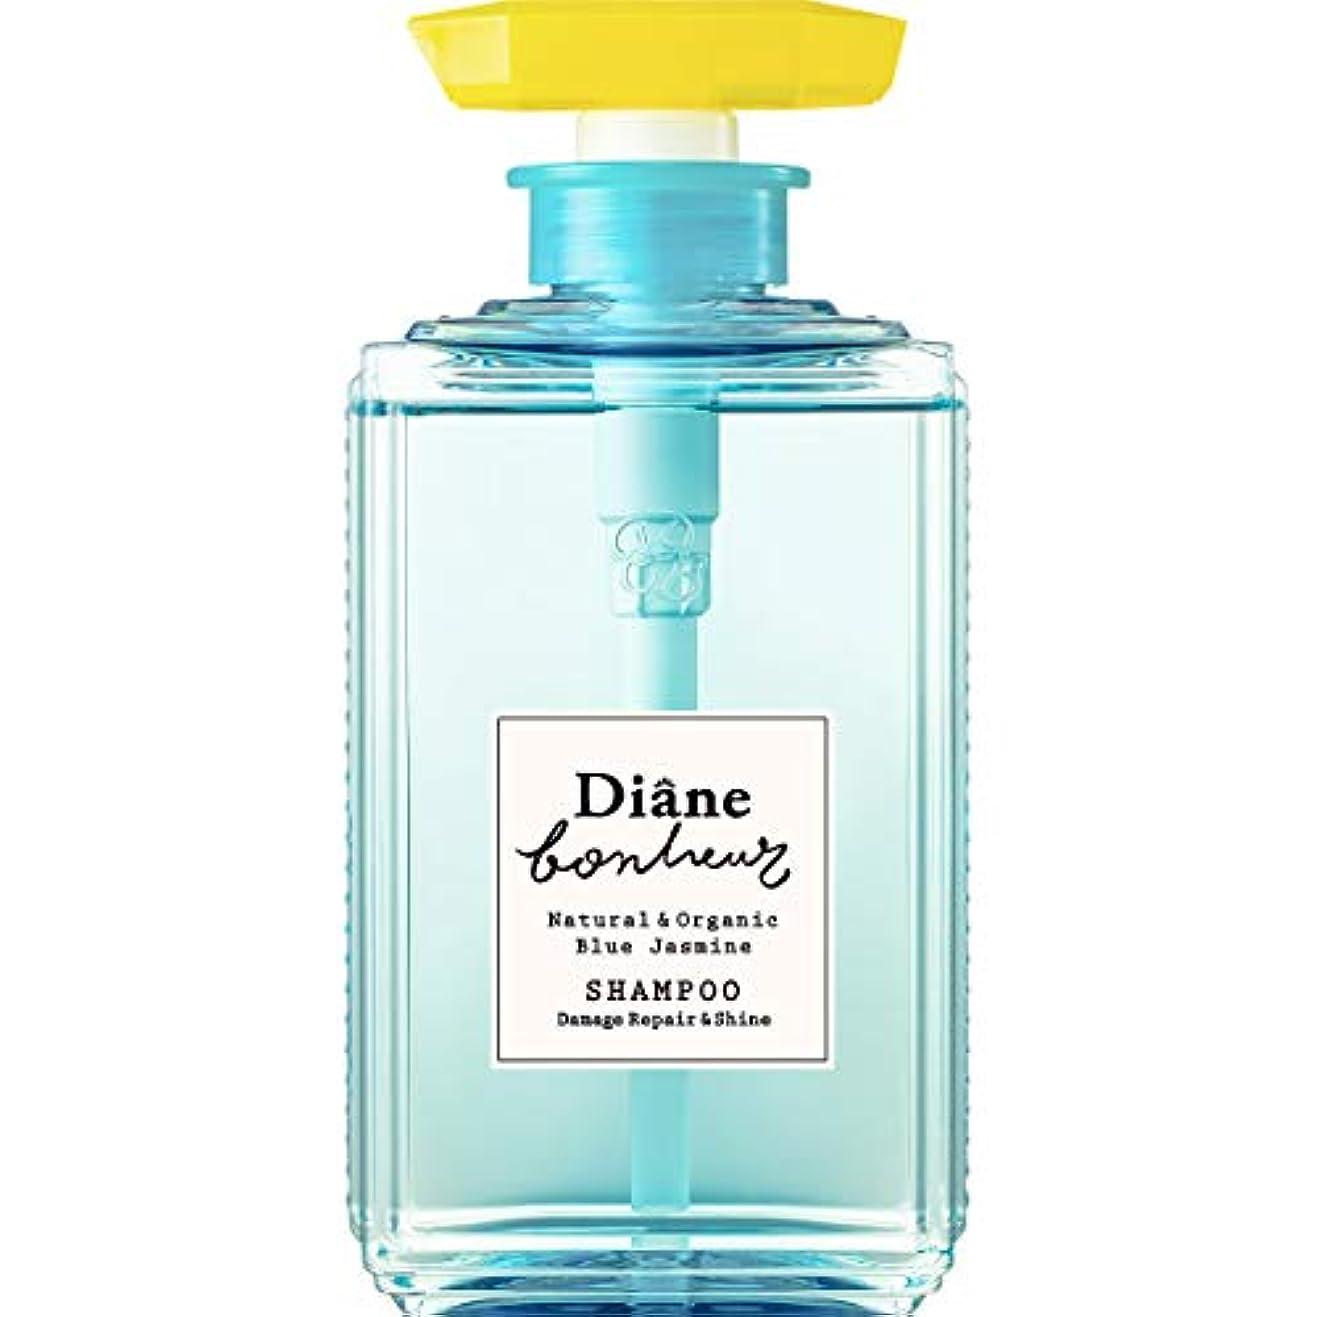 鉛形式提案ダイアン ボヌール シャンプー ブルージャスミンの香り ダメージリペア&シャイン 500ml